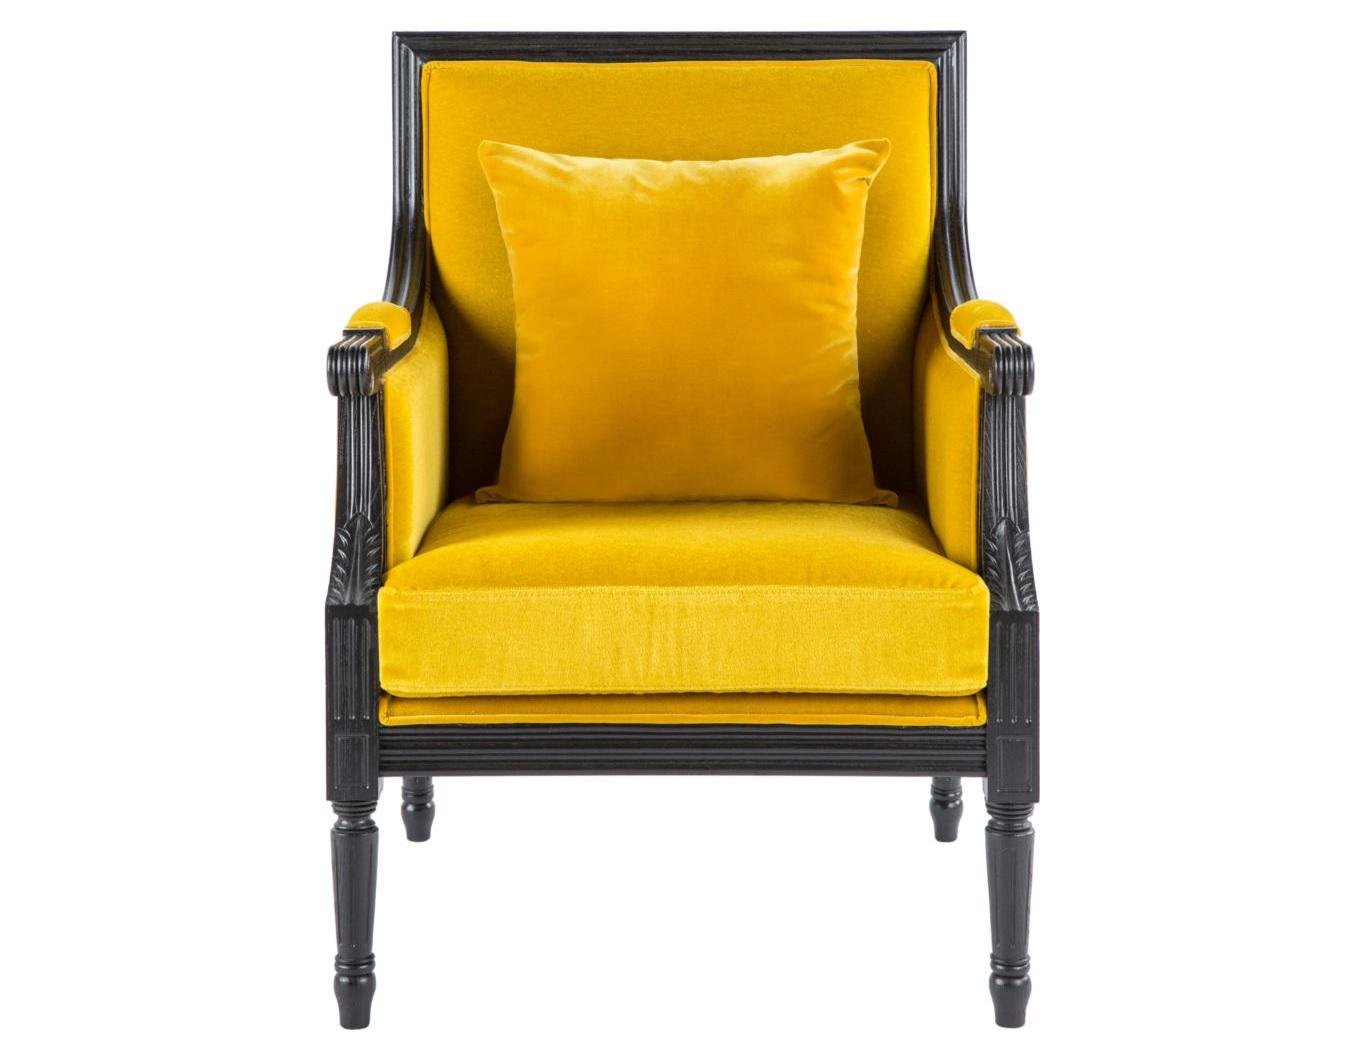 КреслоИнтерьерные кресла<br><br><br>Material: Текстиль<br>Ширина см: 75<br>Высота см: 96<br>Глубина см: 68